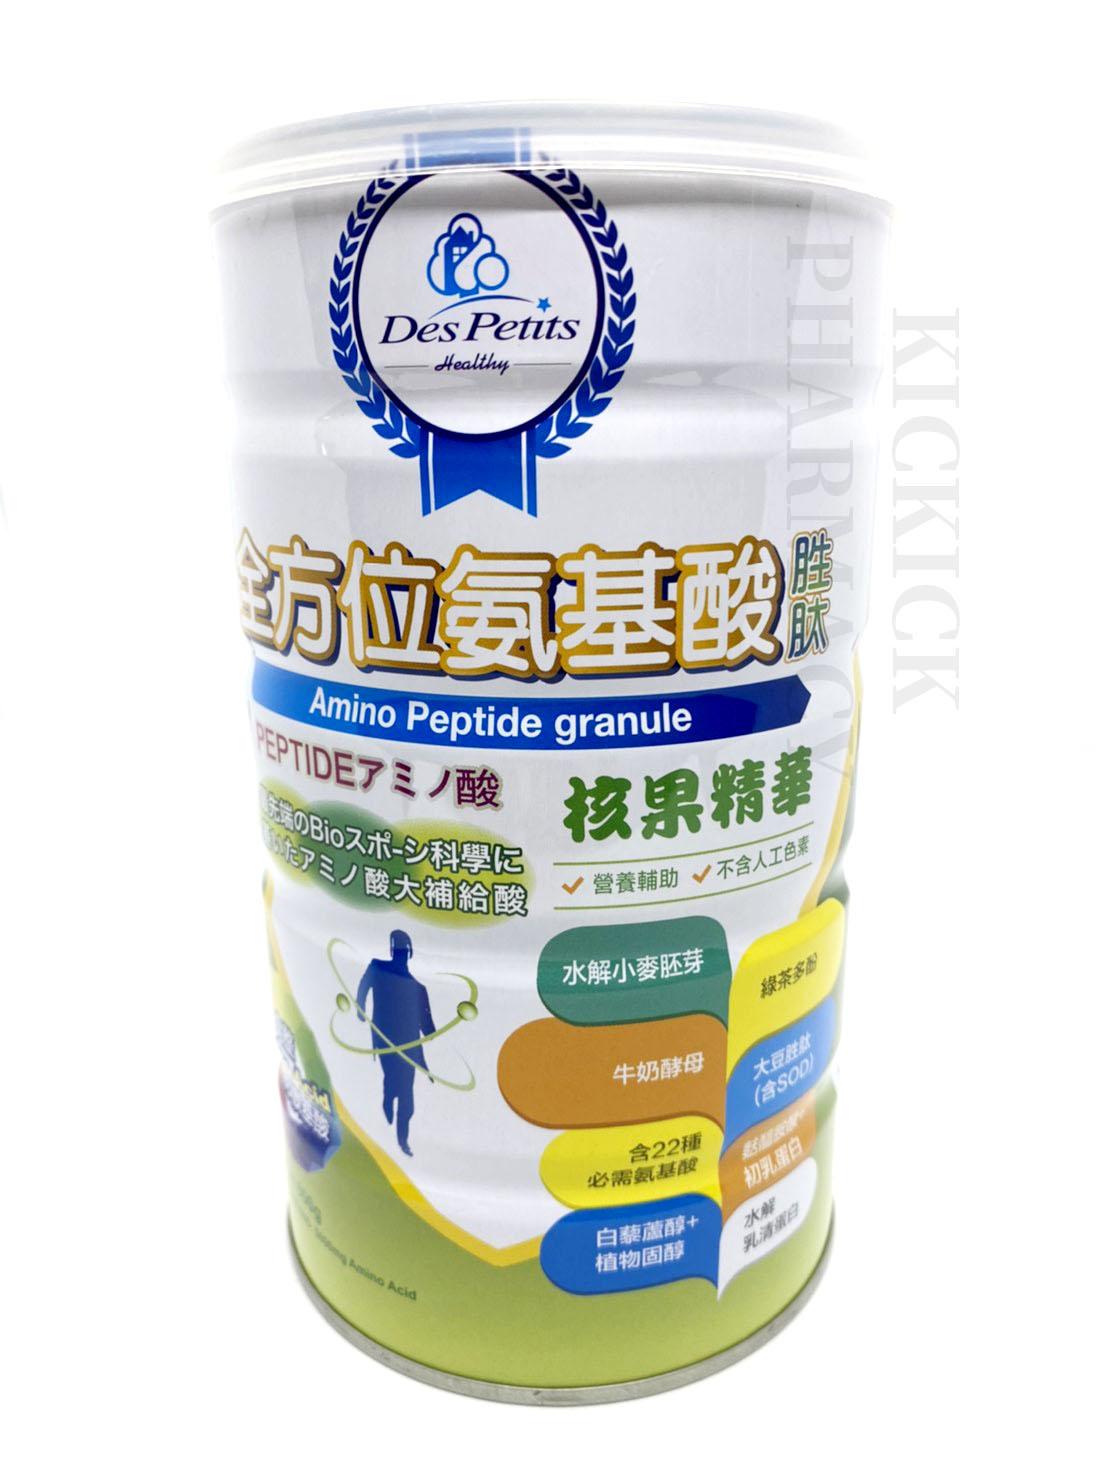 【買五送一】徳氏 濡洱沐康全方位胺基酸胜肽奶粉 Amino Acid 600g/罐 (核果精華口味)029399